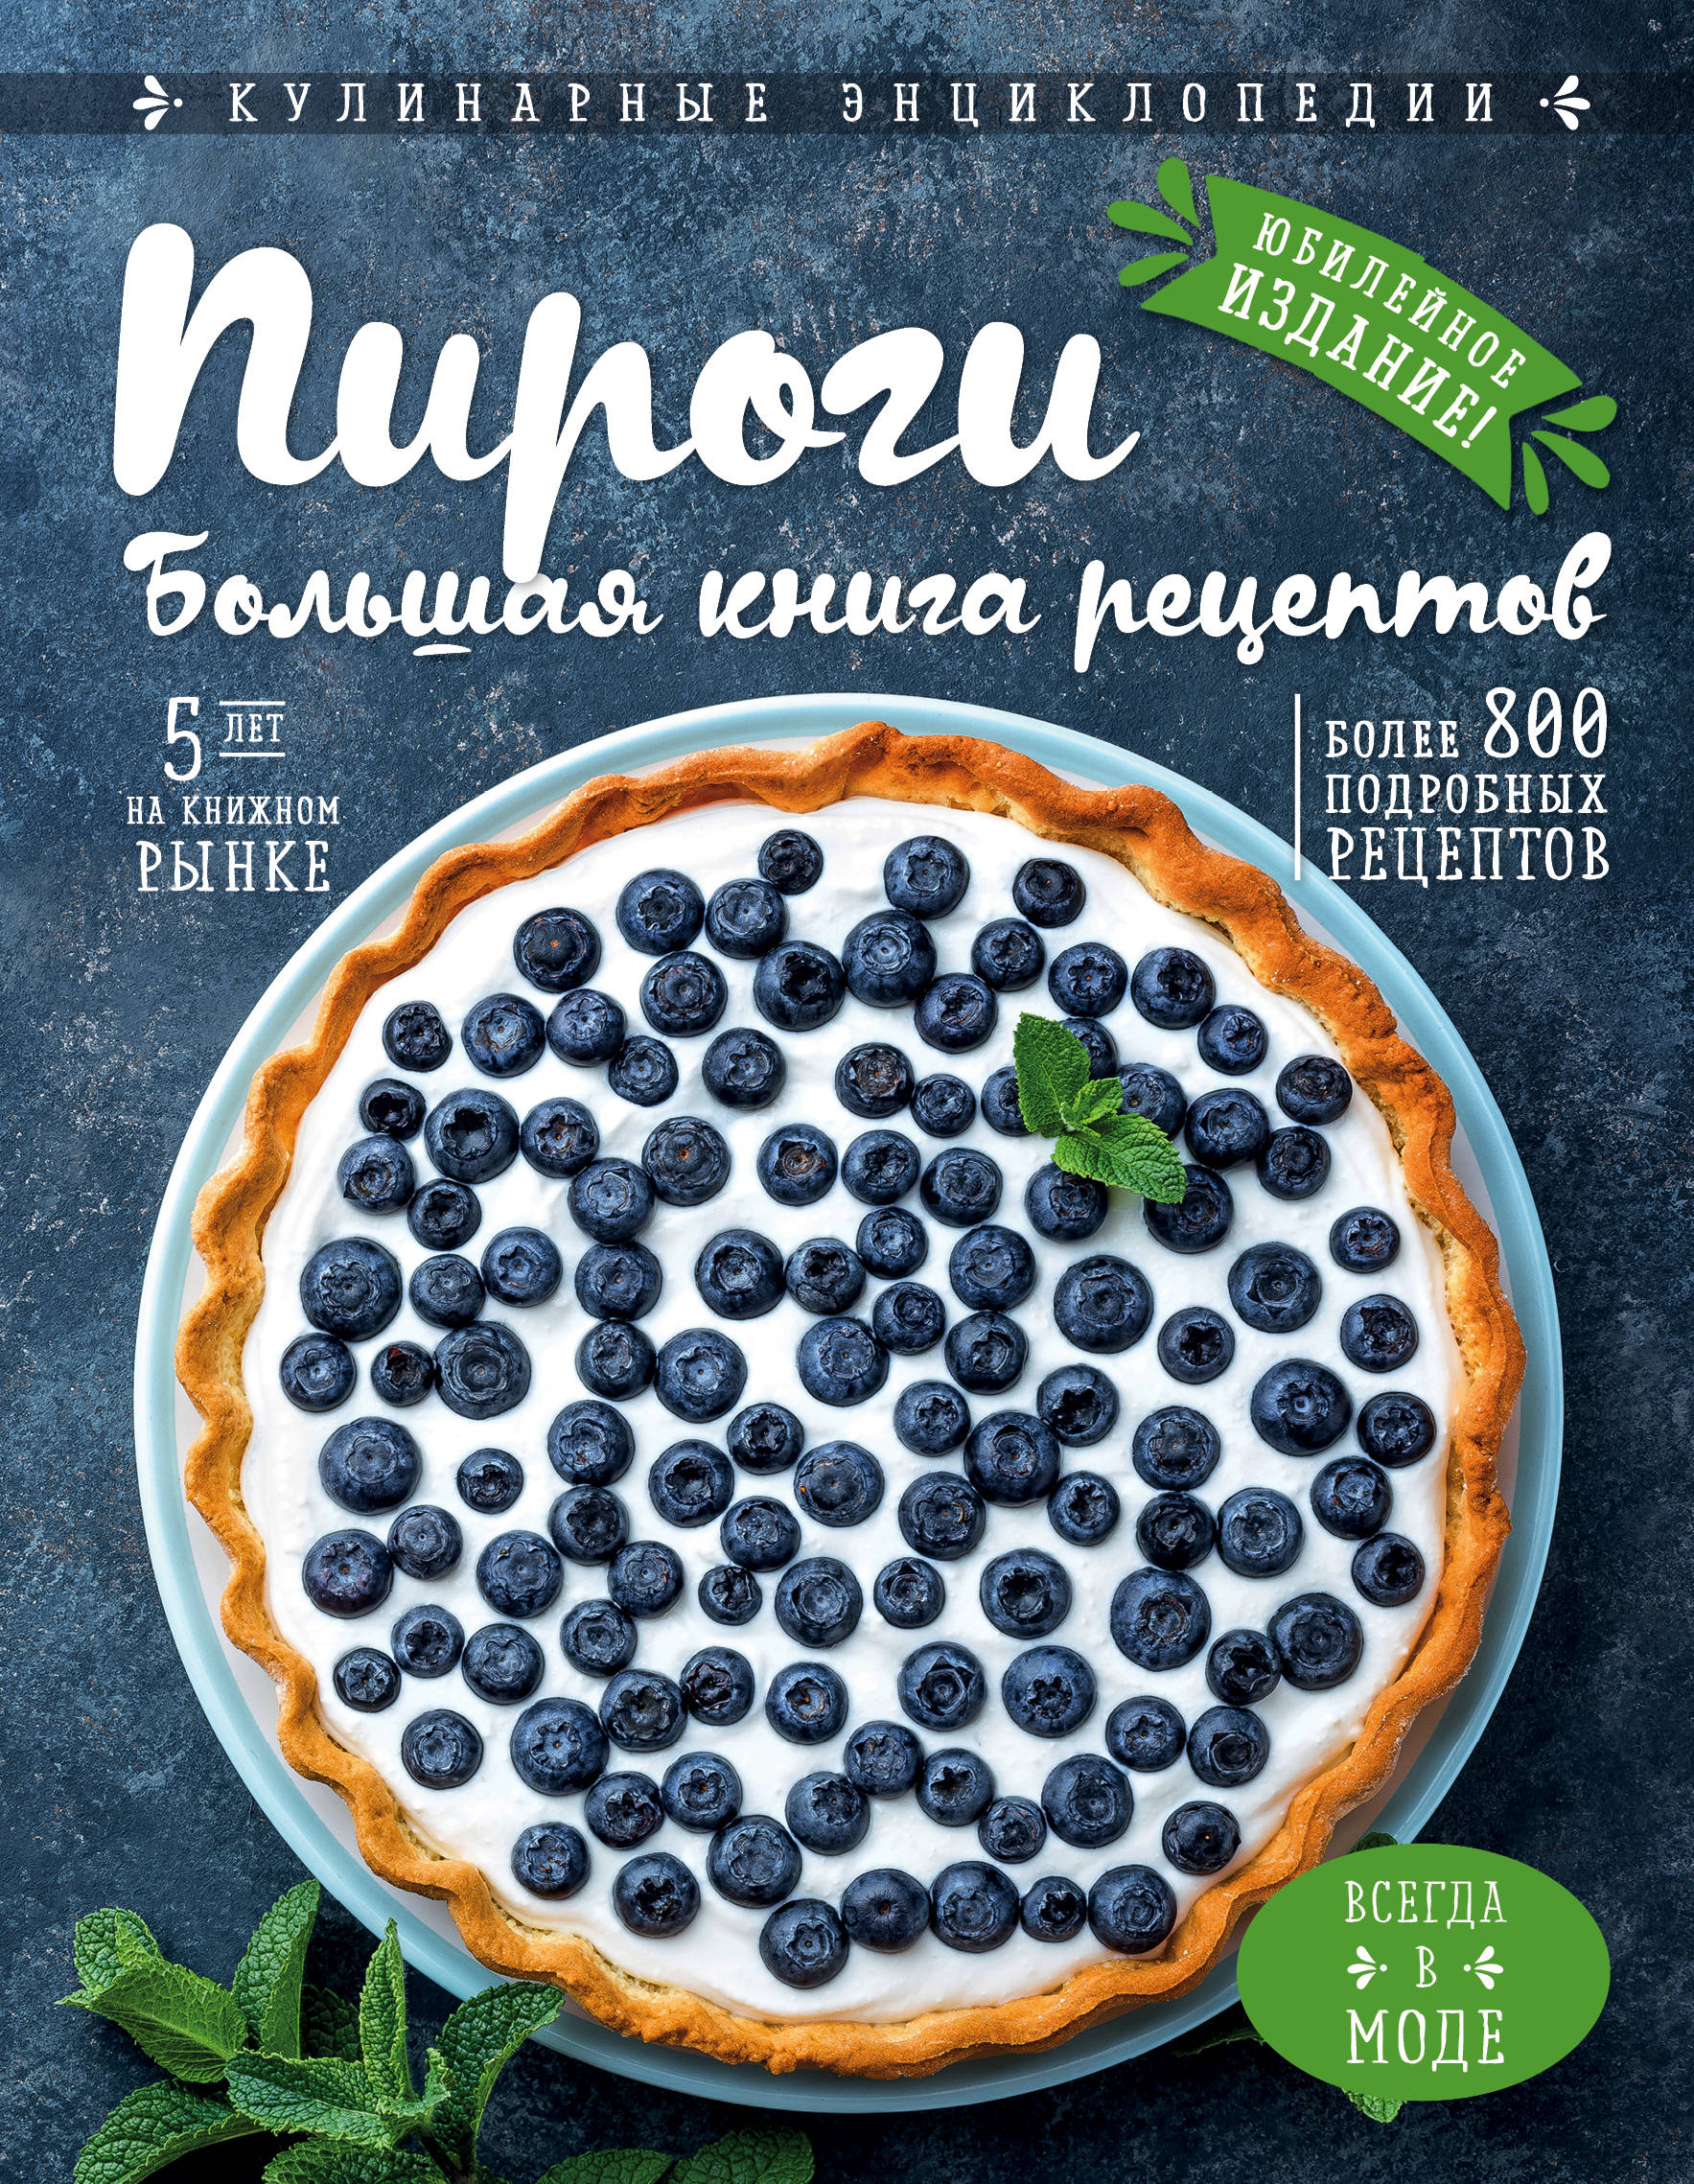 Пироги. Большая книга рецептов будный л сост специи большая книга рецептов